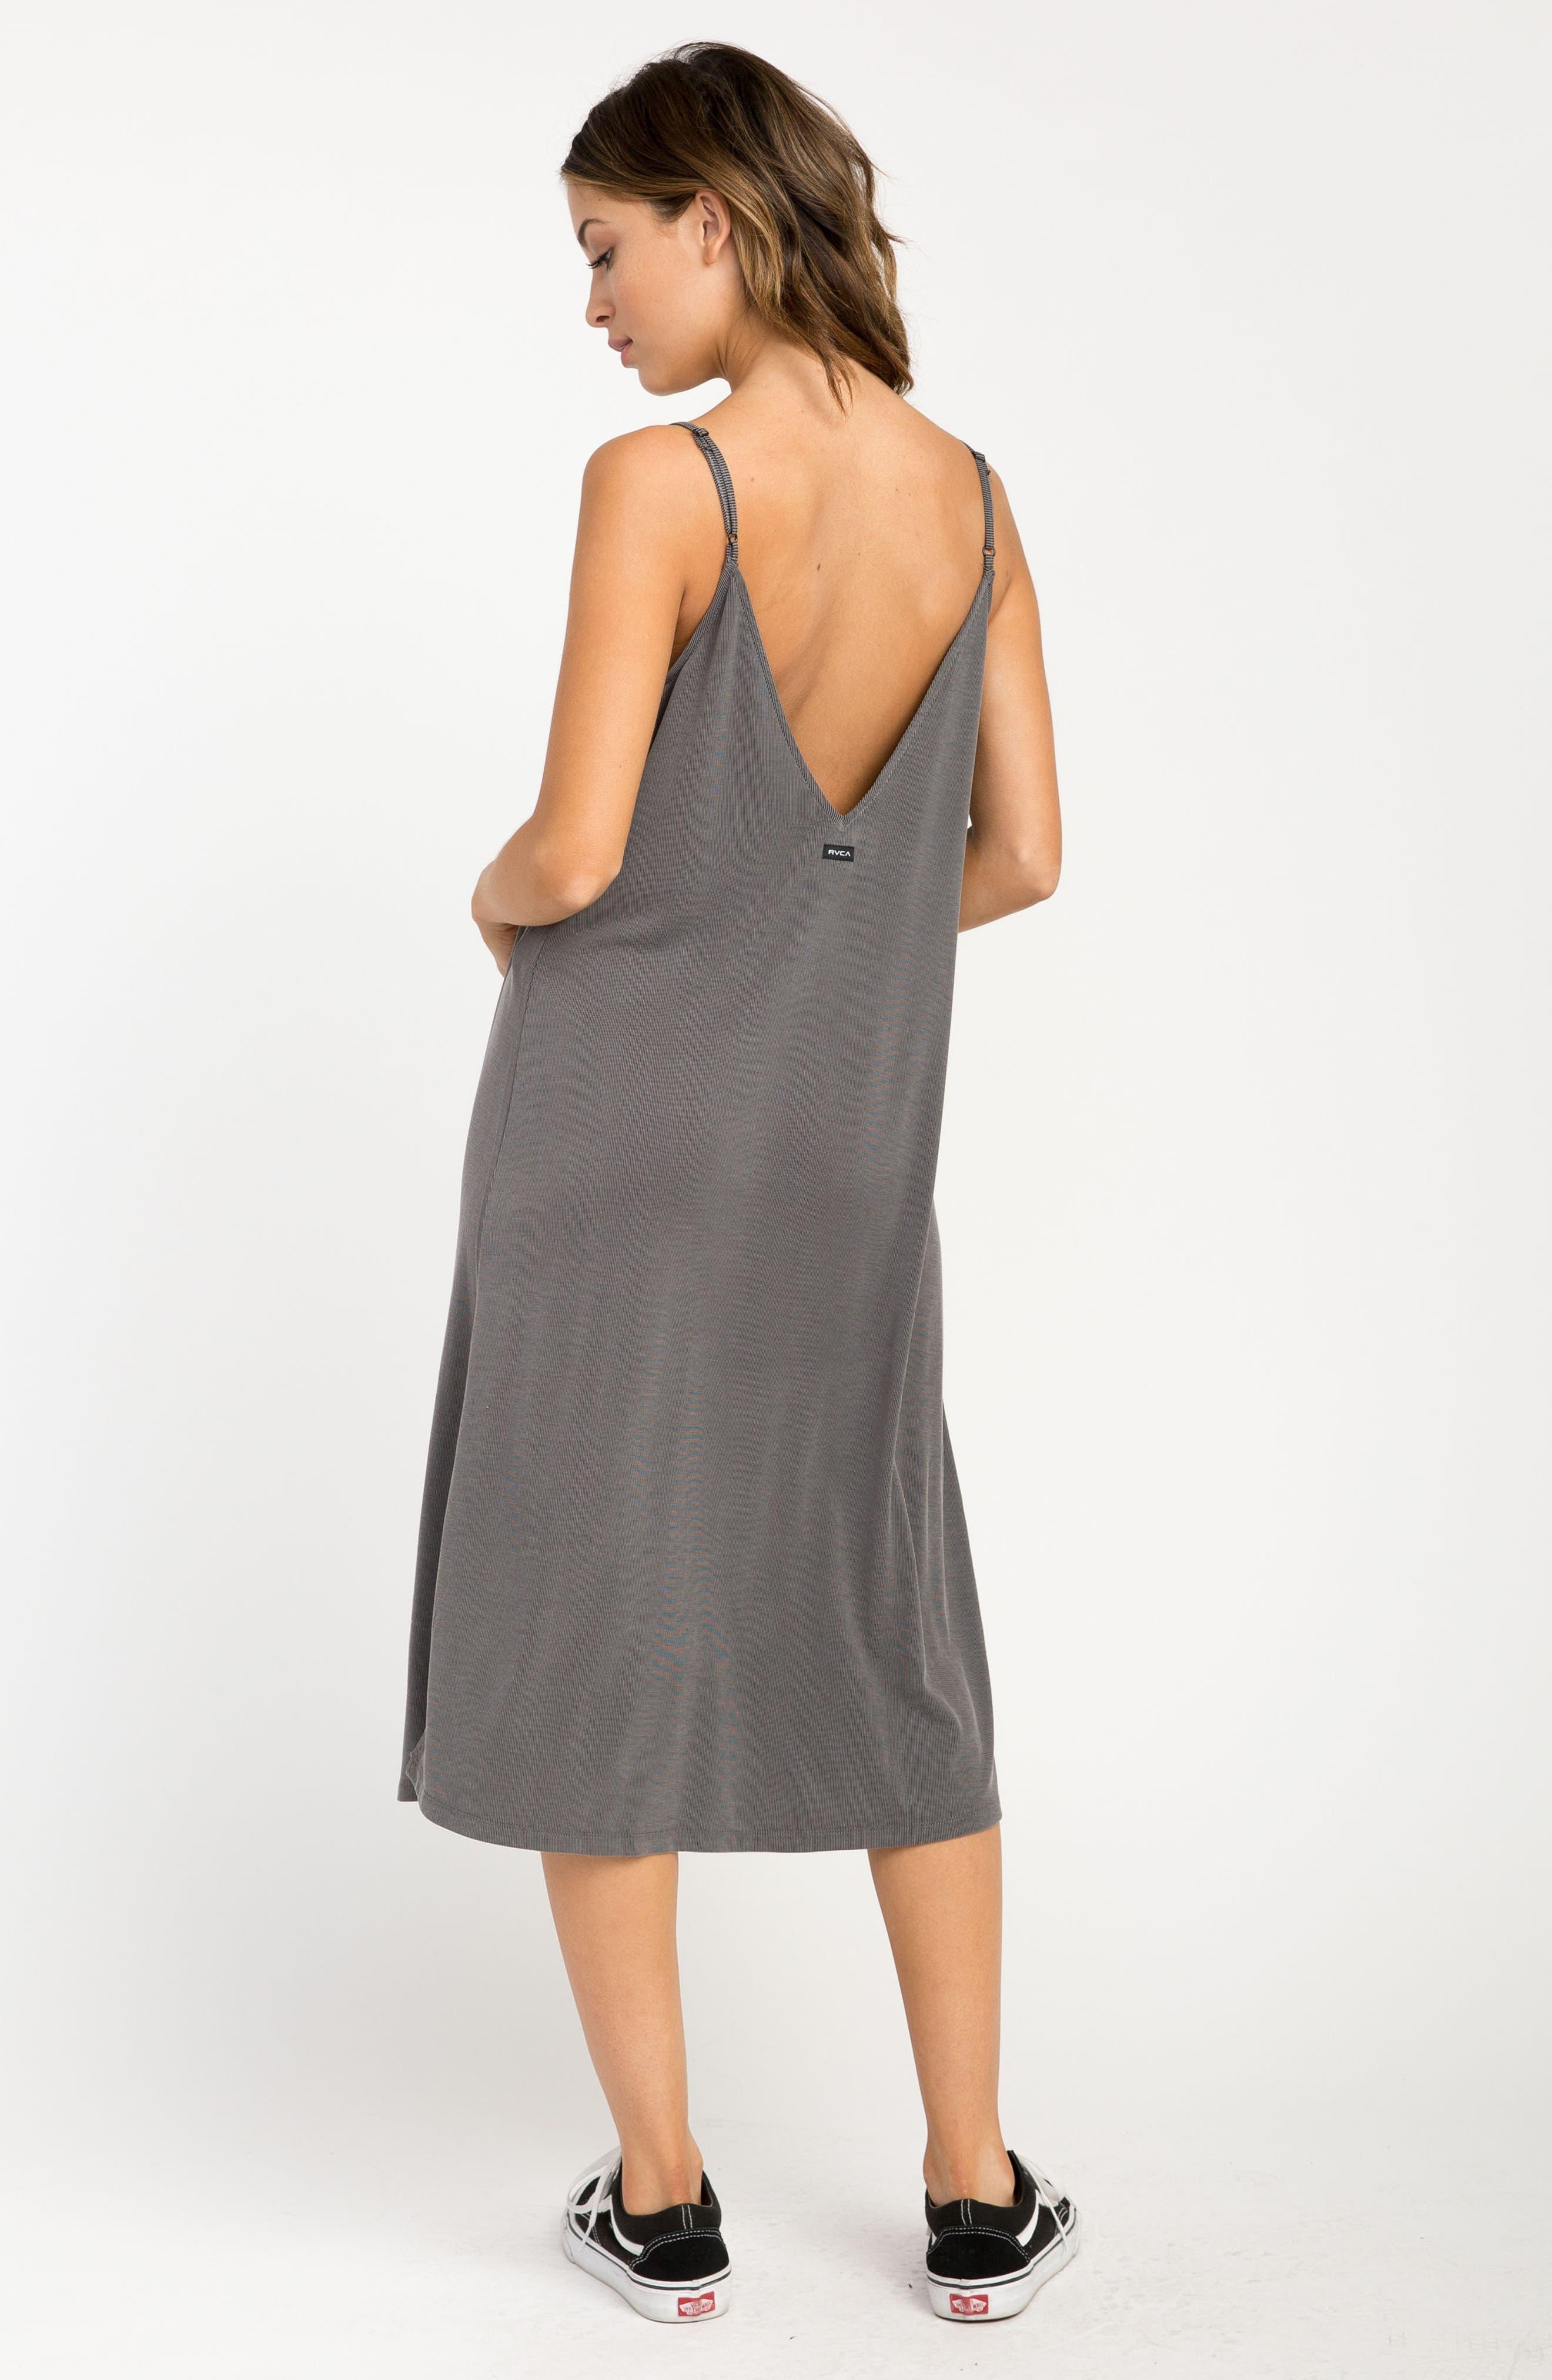 Jones Midi Dress,                             Alternate thumbnail 6, color,                             020